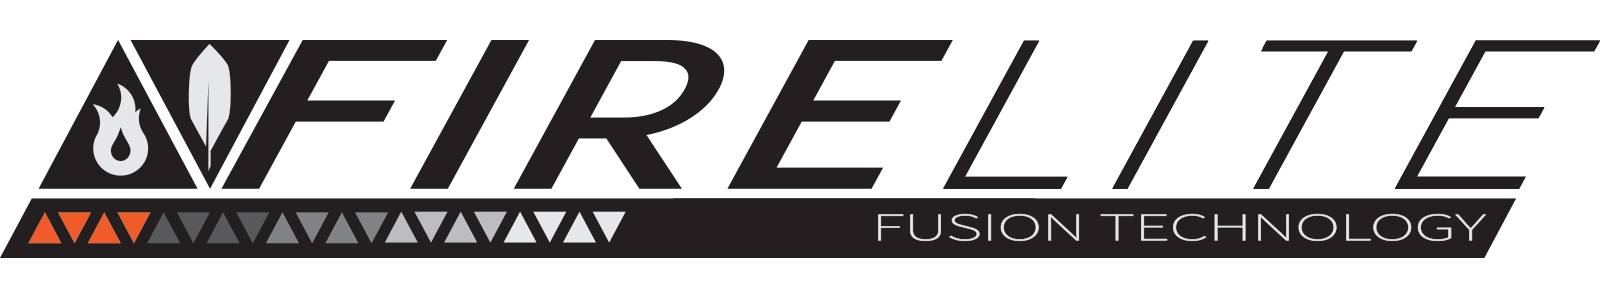 Firelite_logo.png